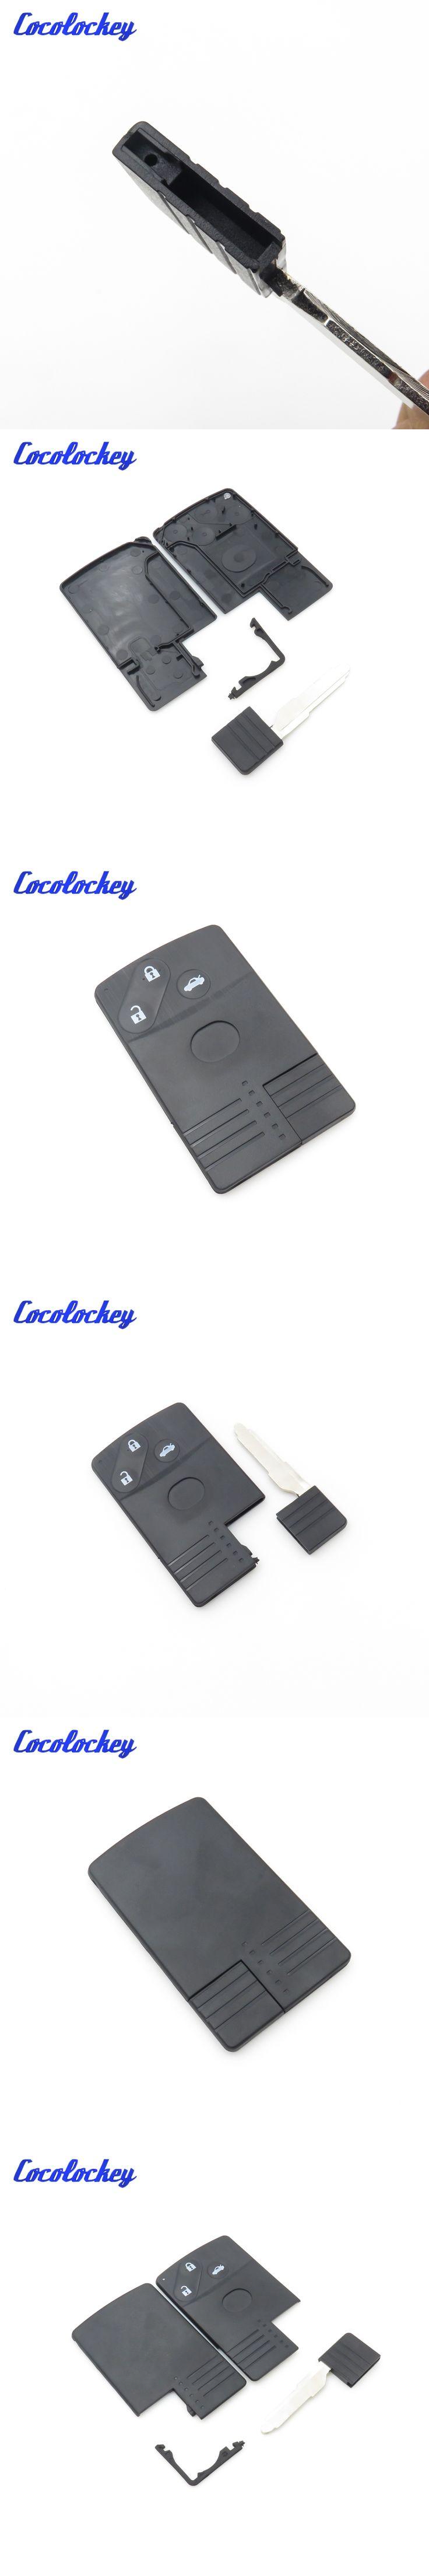 Cocolockey Brand New Smart Key Case for MAZDA 5 6 CX-7 CX-9 RX8 Miata 3 button